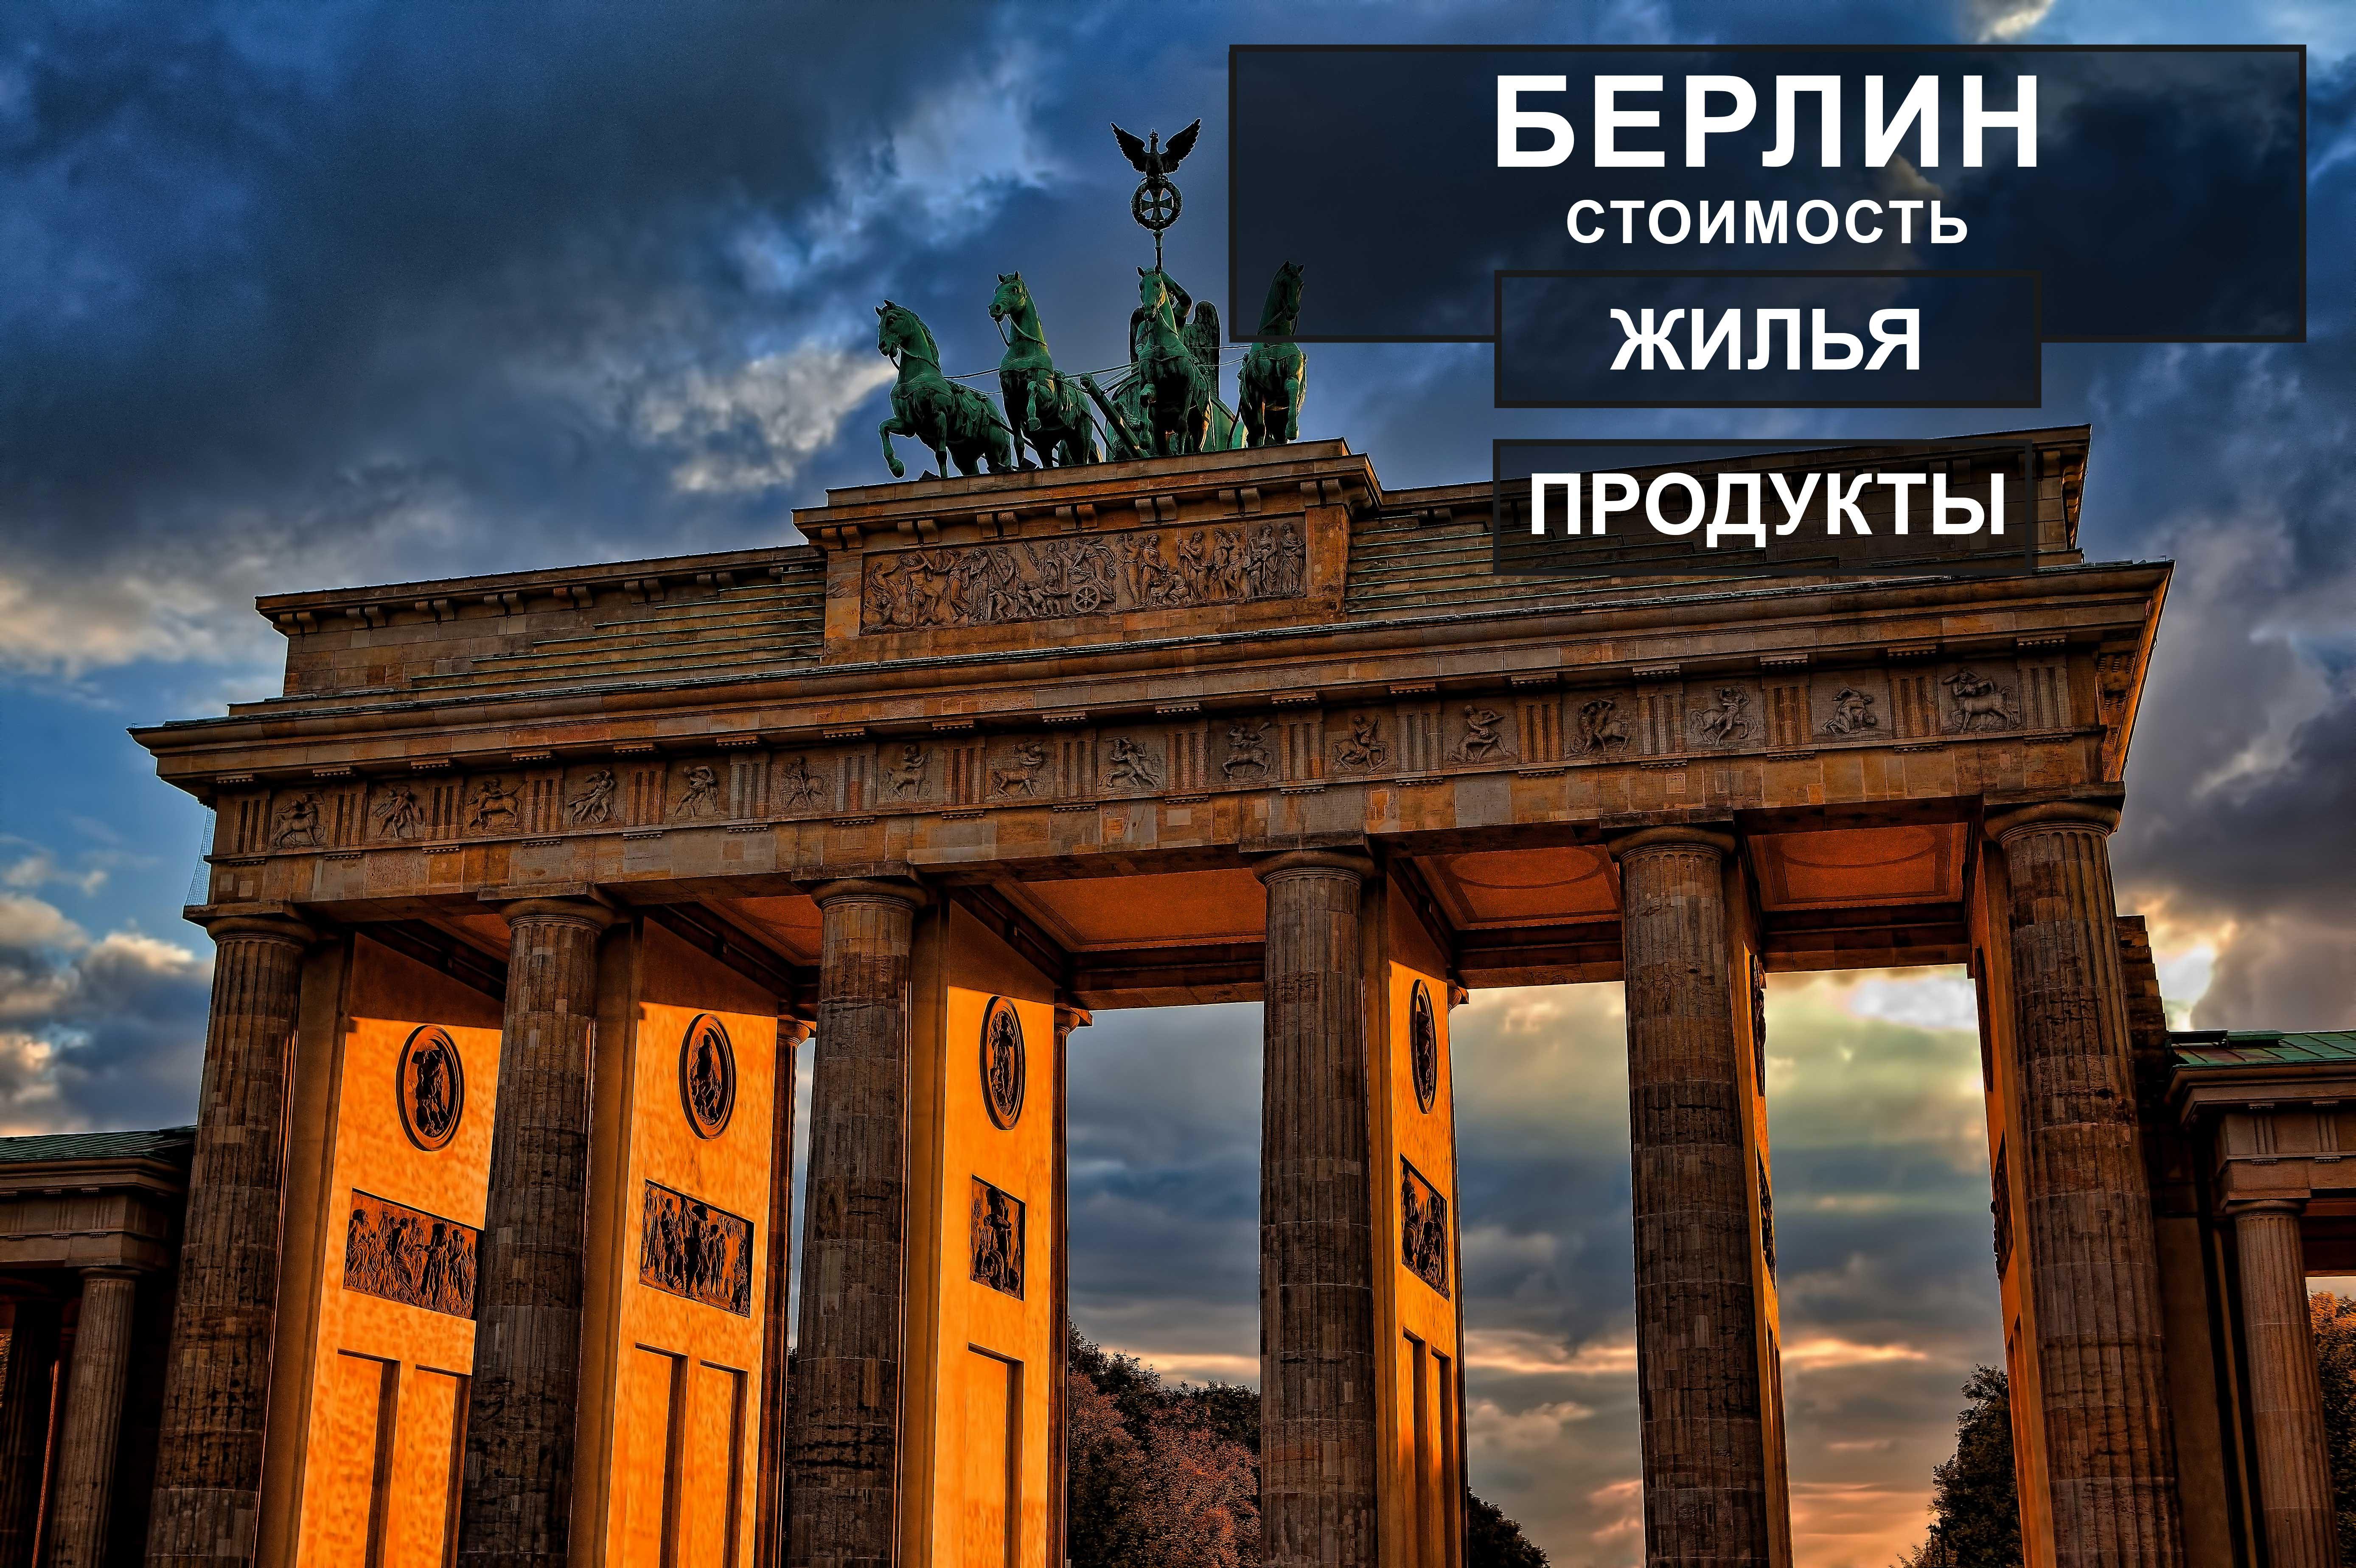 Стоимость проживания в Берлине, Германия – аренда жилья, продукты